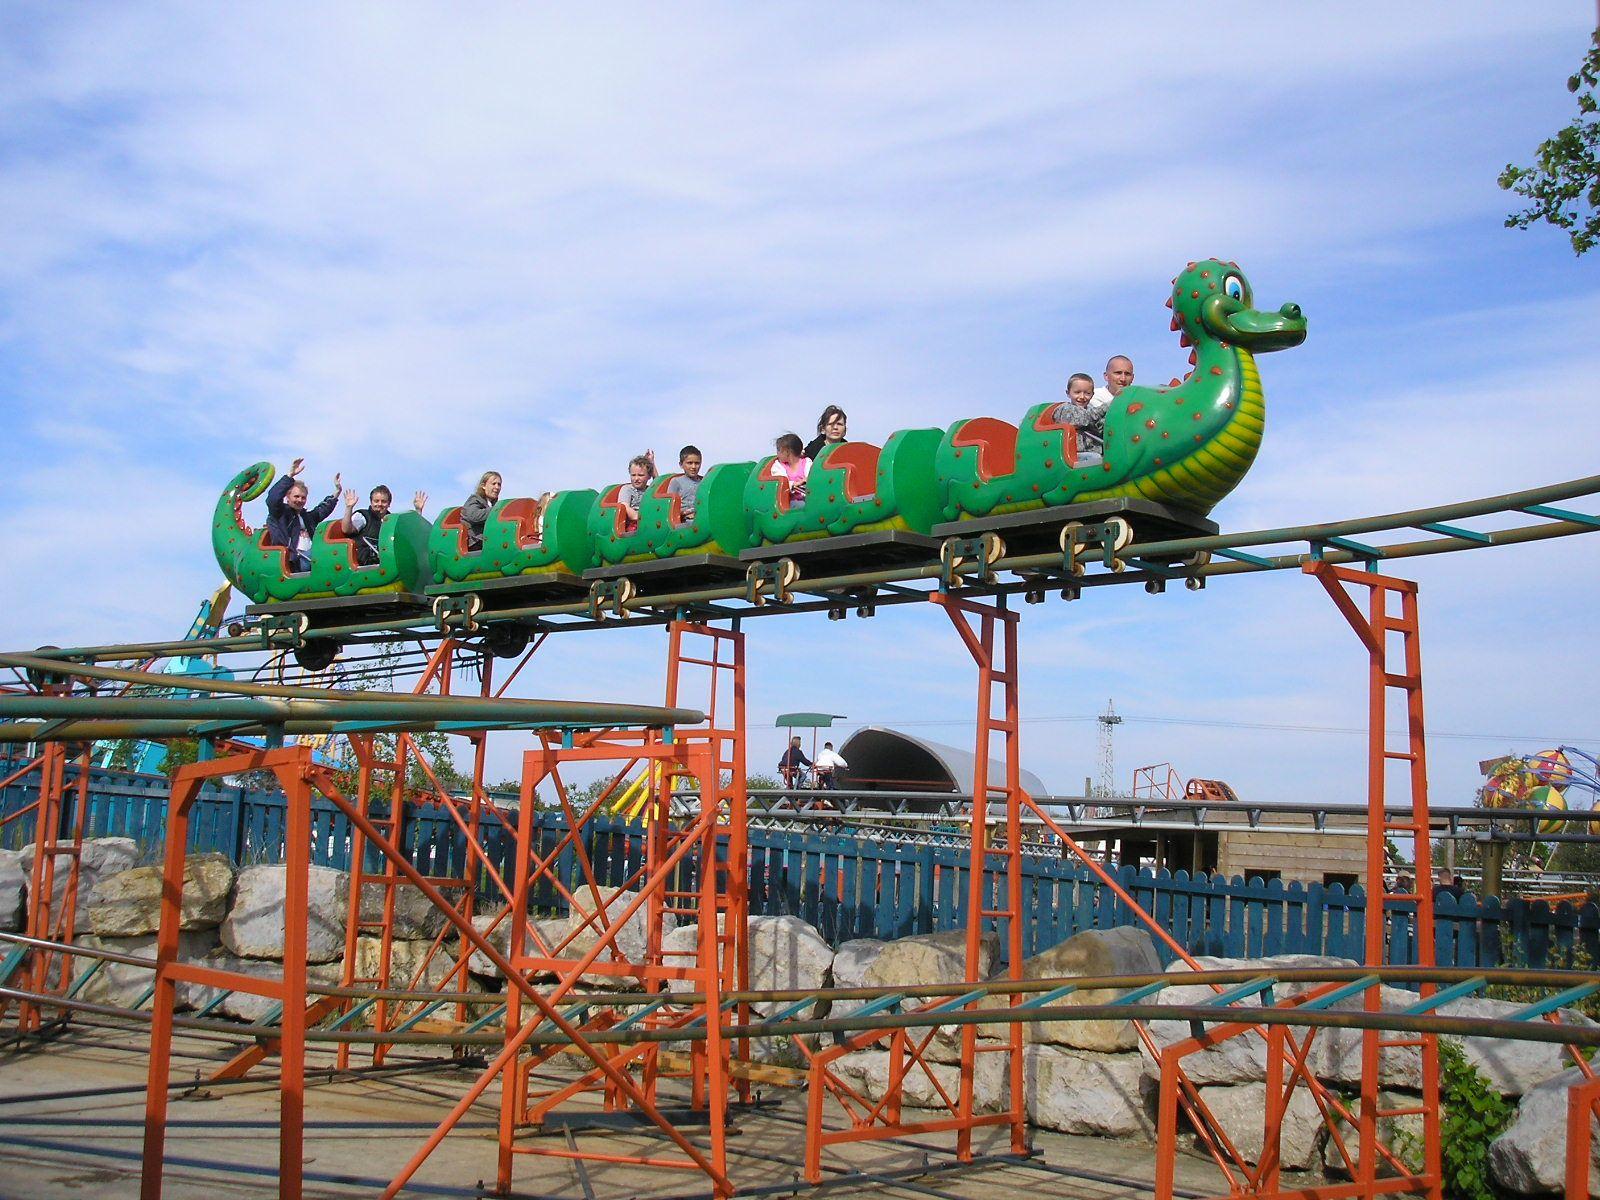 694ff99dec45e2fd6ec17980e88448f8 - Land Of The Dragons Busch Gardens Tampa